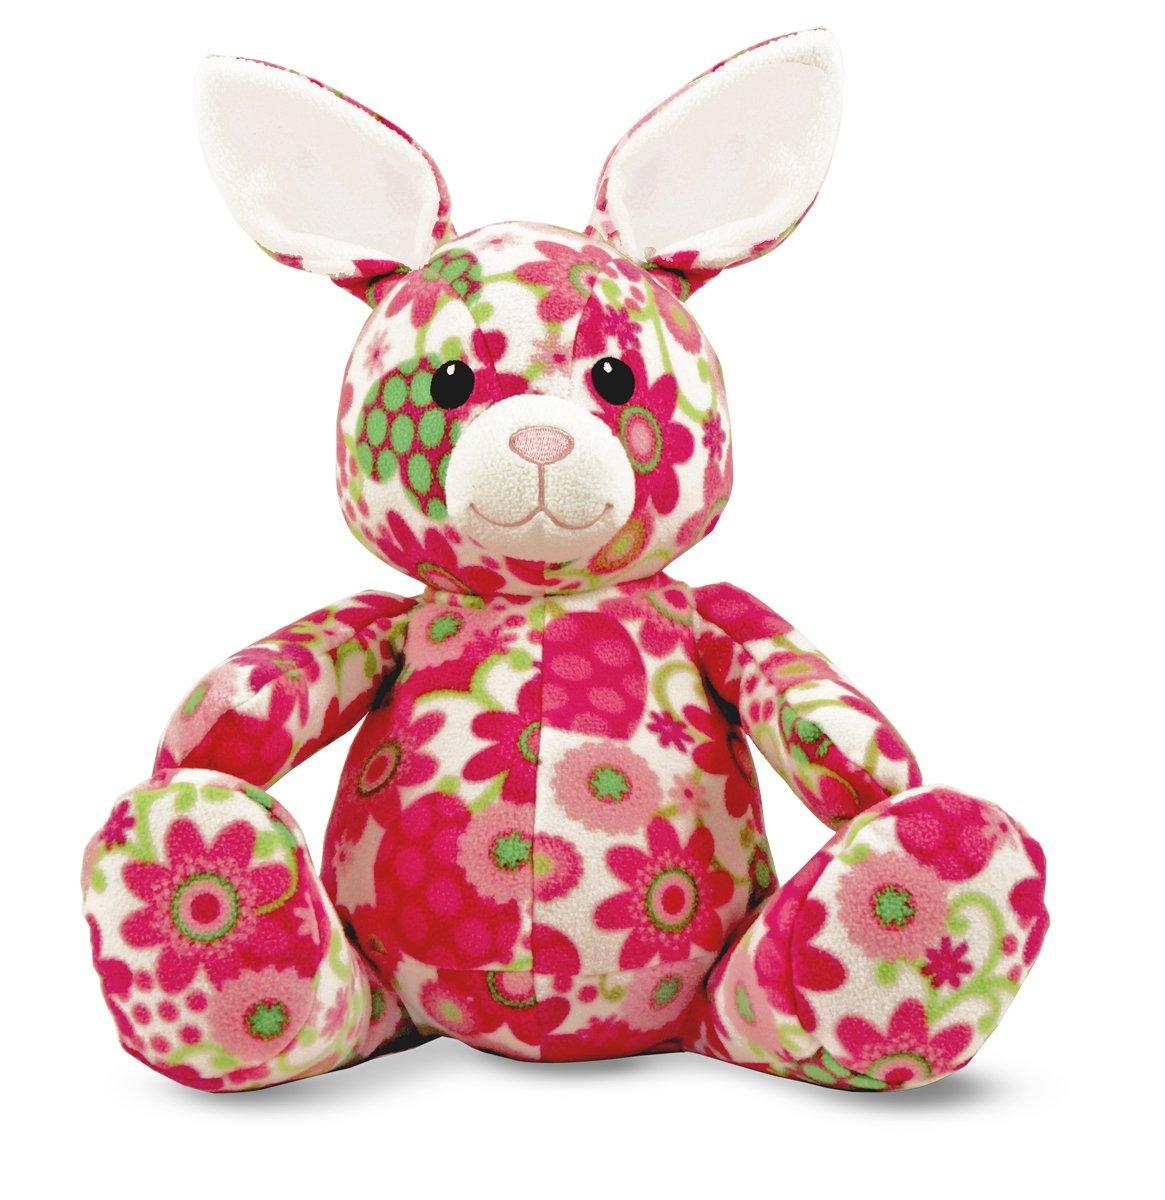 Мягкая игрушка - Заяц от Toyway